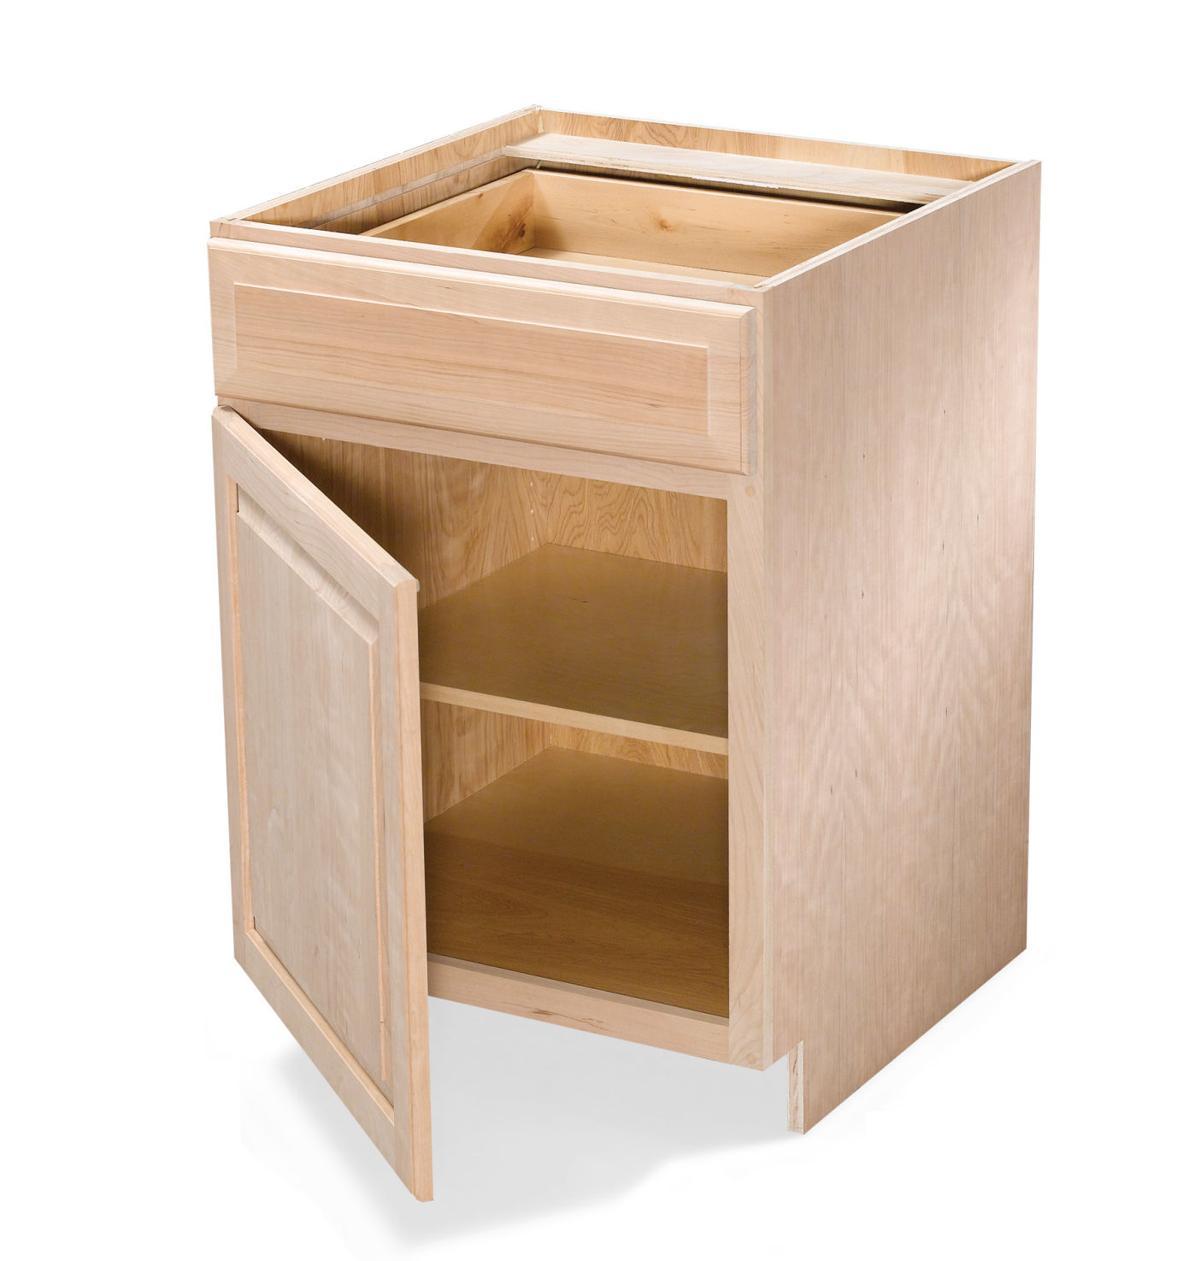 Advantage cabinet